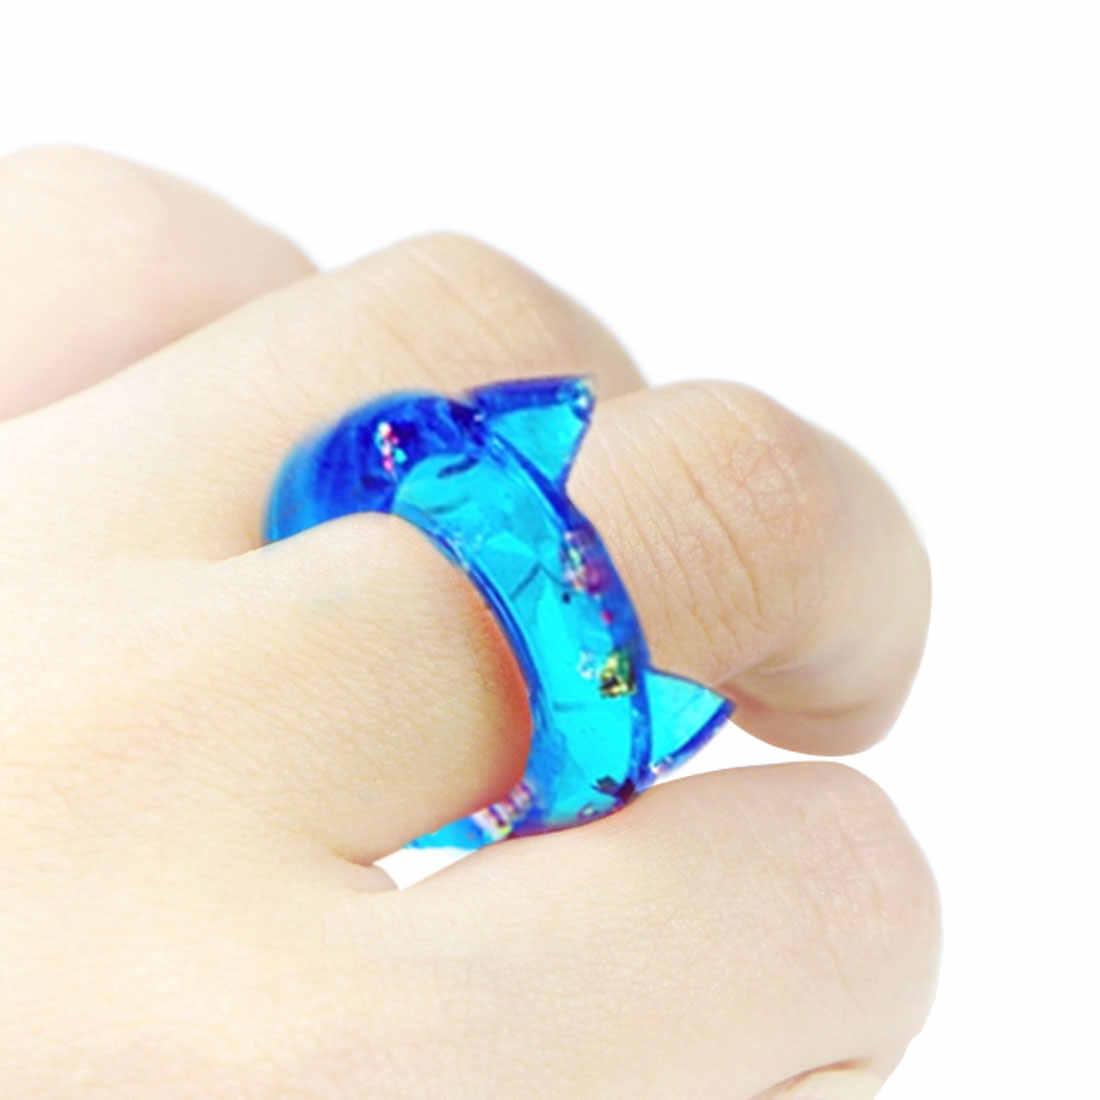 2019 Новые прозрачные DIY из силикона, круглые кошачьи уши DIY Кристальные эпоксидные силиконовые кольца прессованная инструменты для изготовления смолы для ювелирных изделий